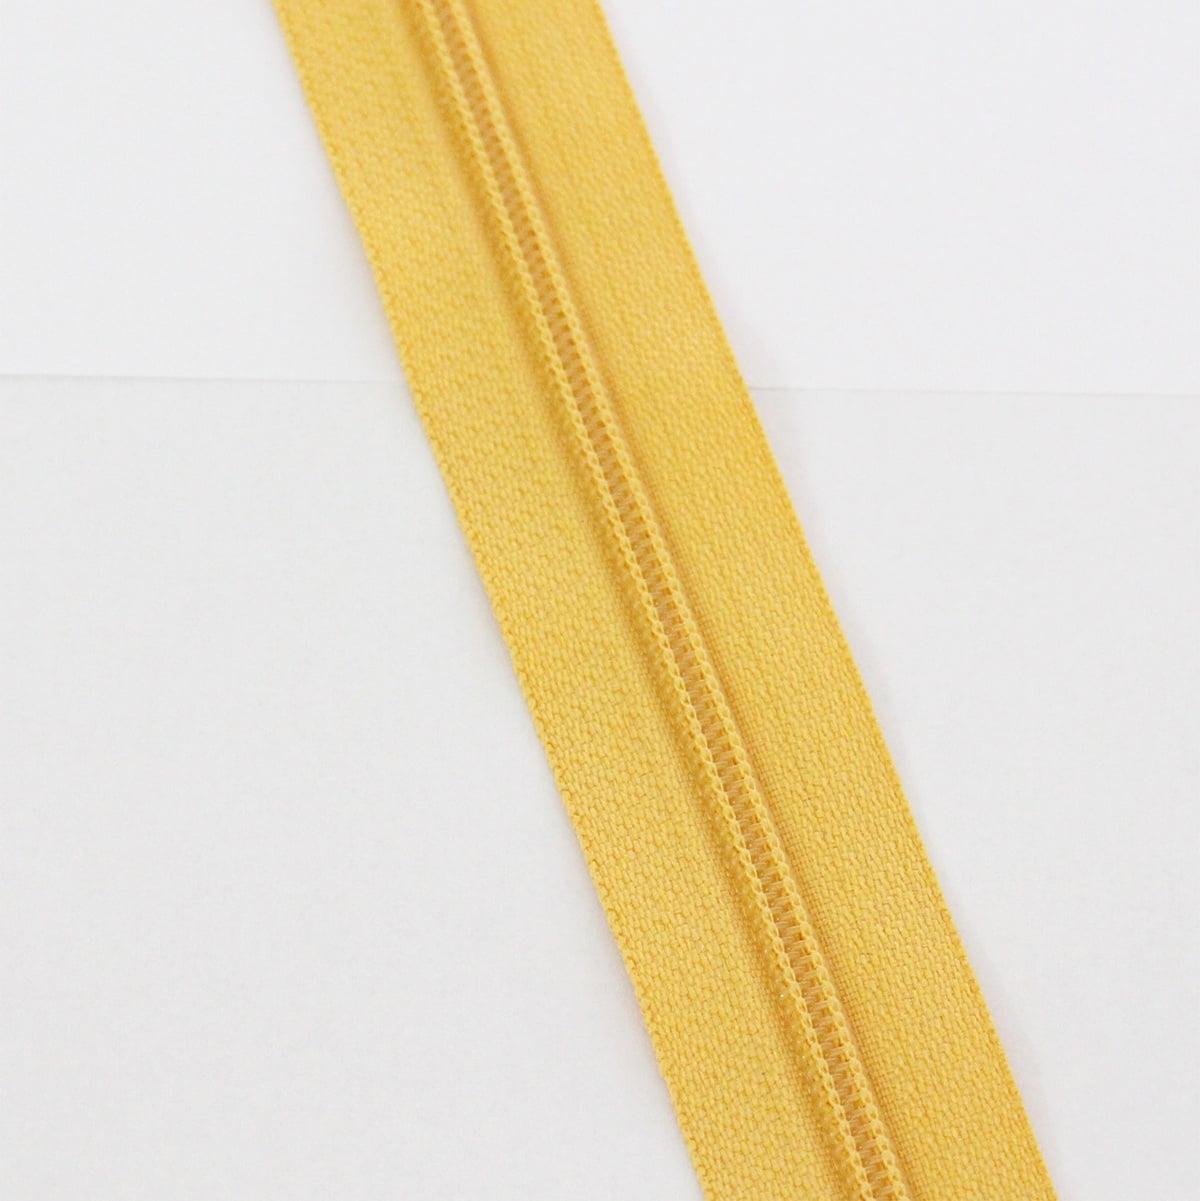 Zíper Metro 4,5mm - Amarelo Escuro